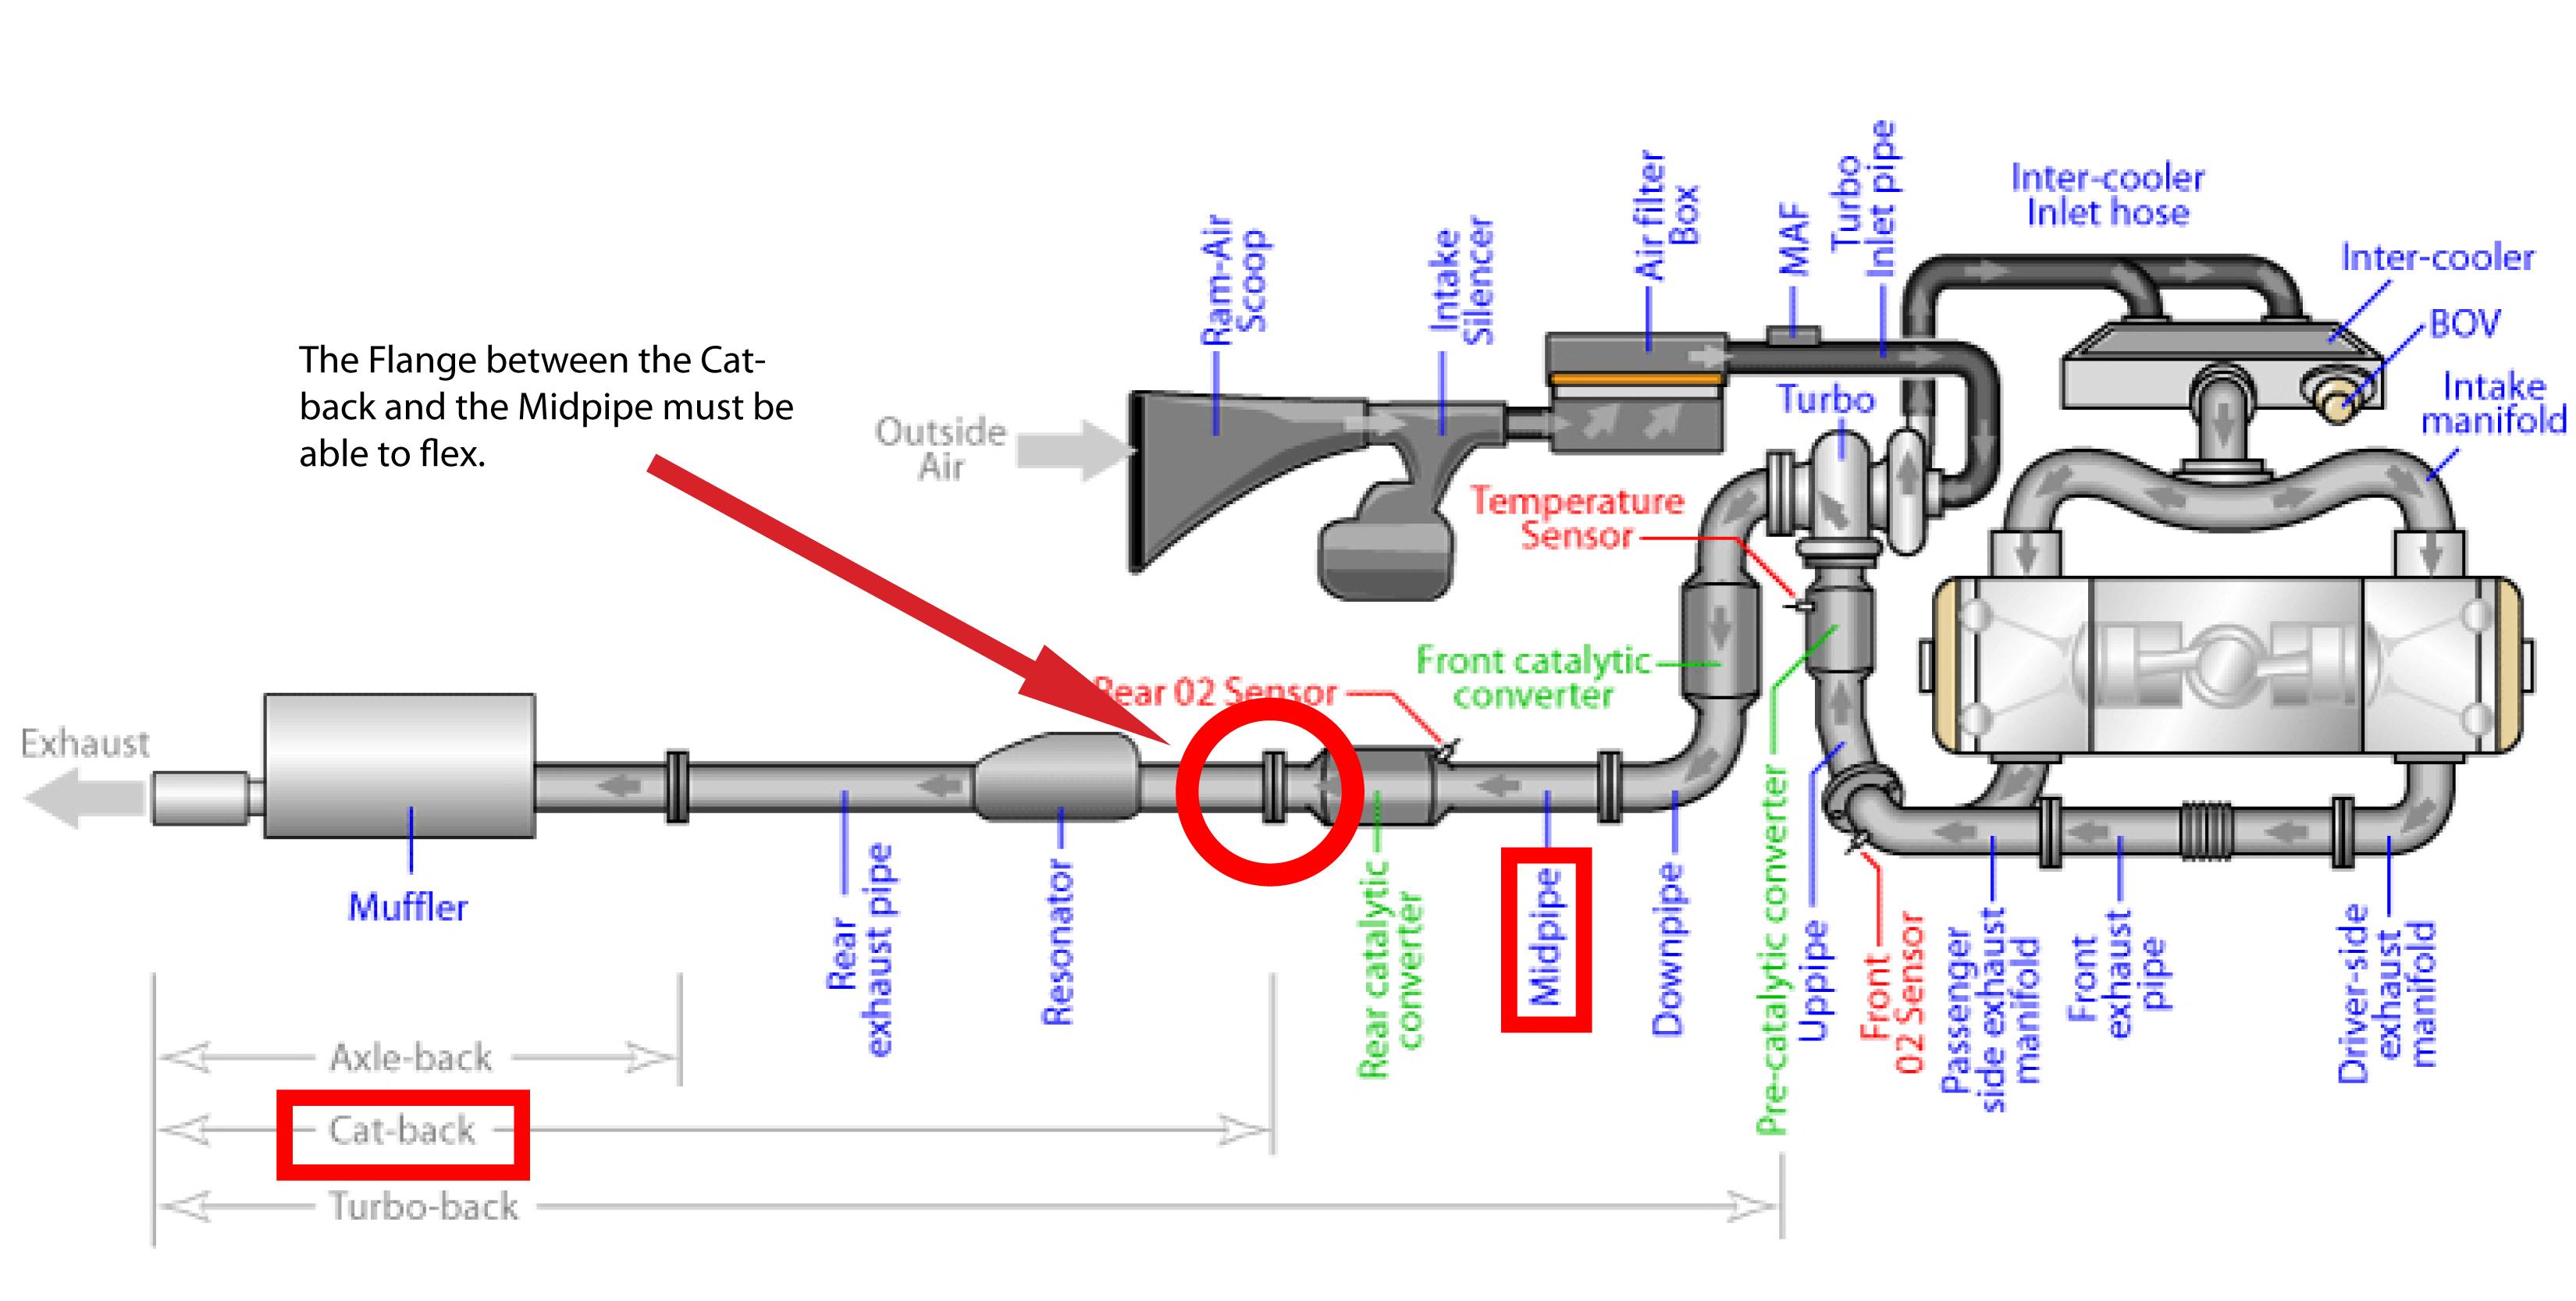 subaru baja wiring harness failure [ 2100 x 1061 Pixel ]